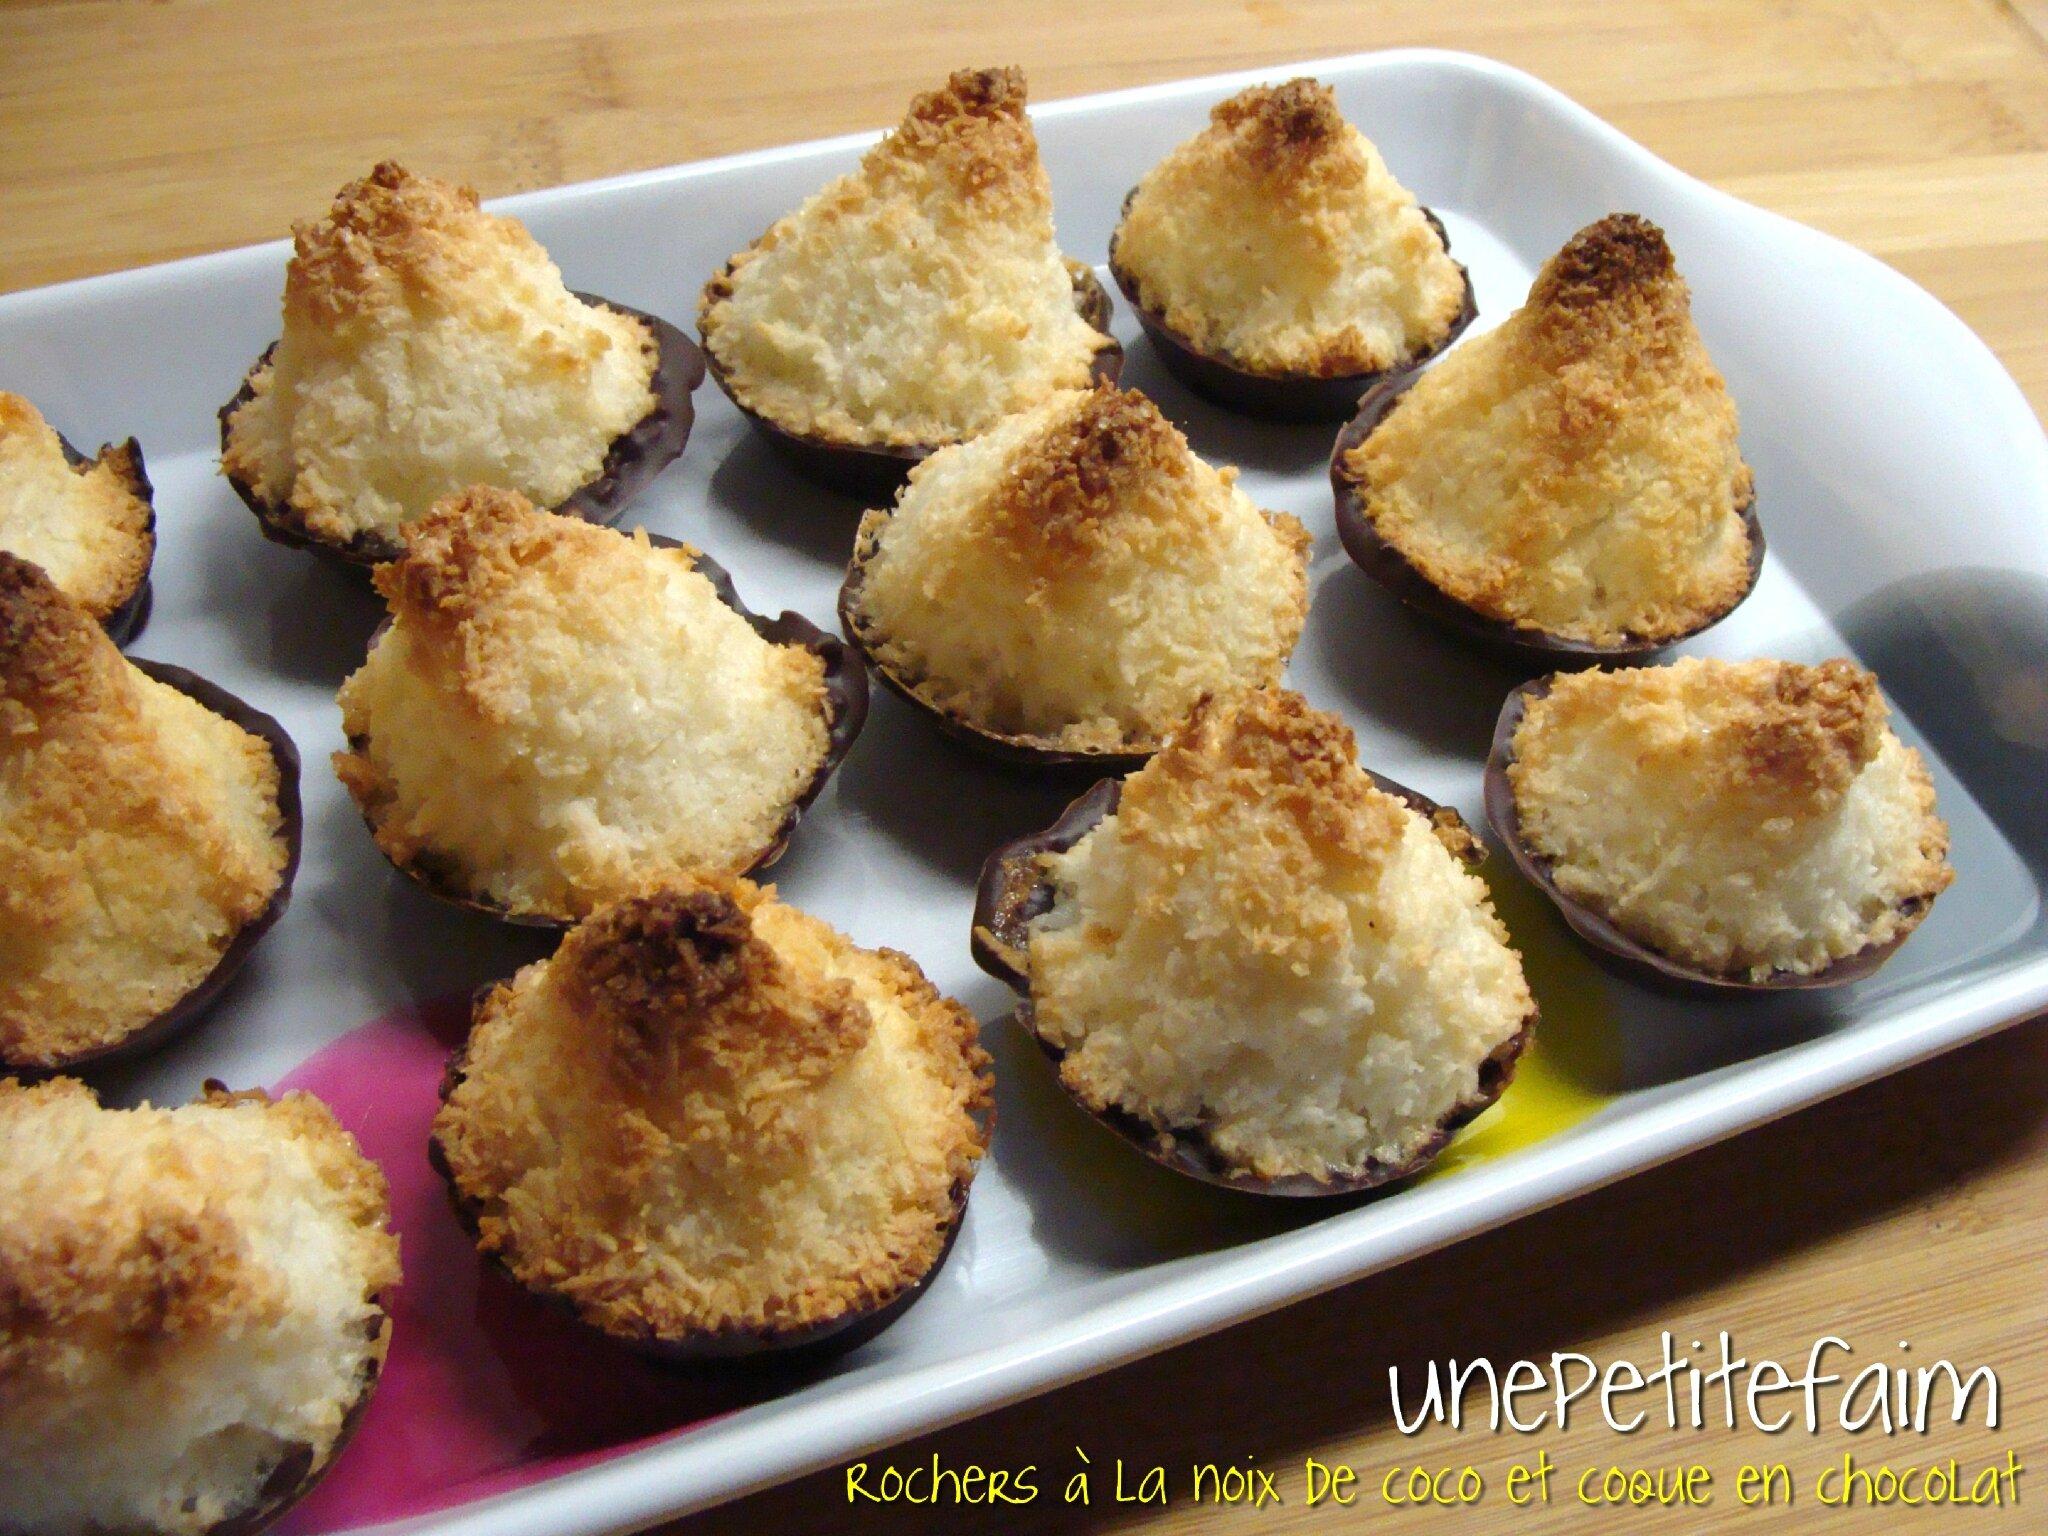 Rochers à la noix coco enrobés d'une coque en chocolat